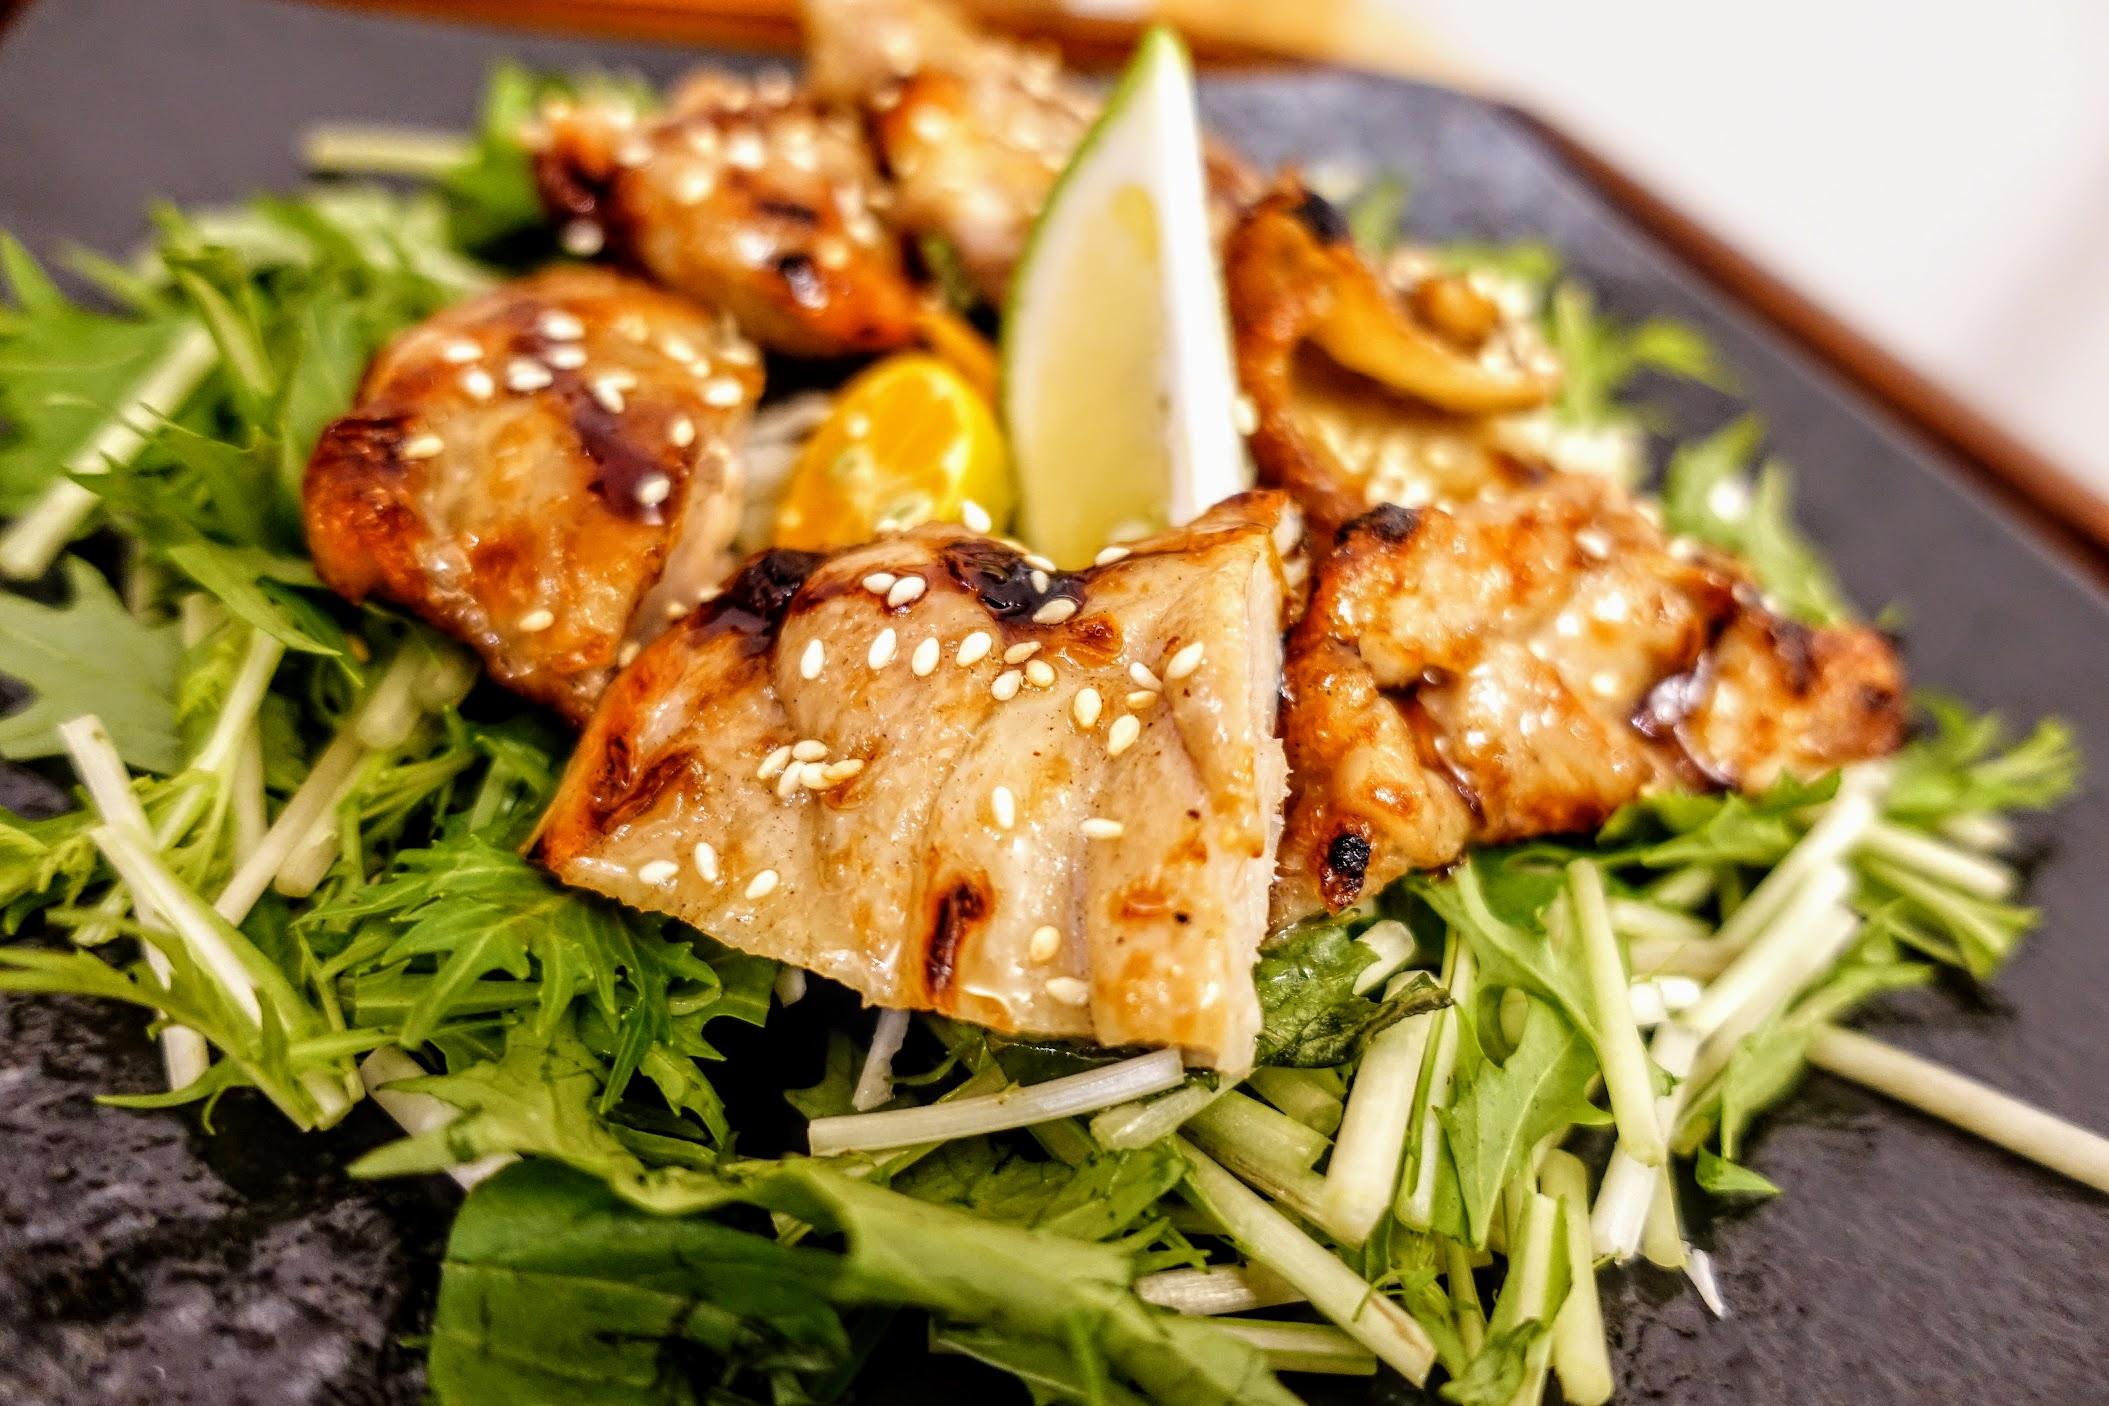 燒肉片外層有著醬油/糖的調味,肉質的話個人覺得比雞肉好吃